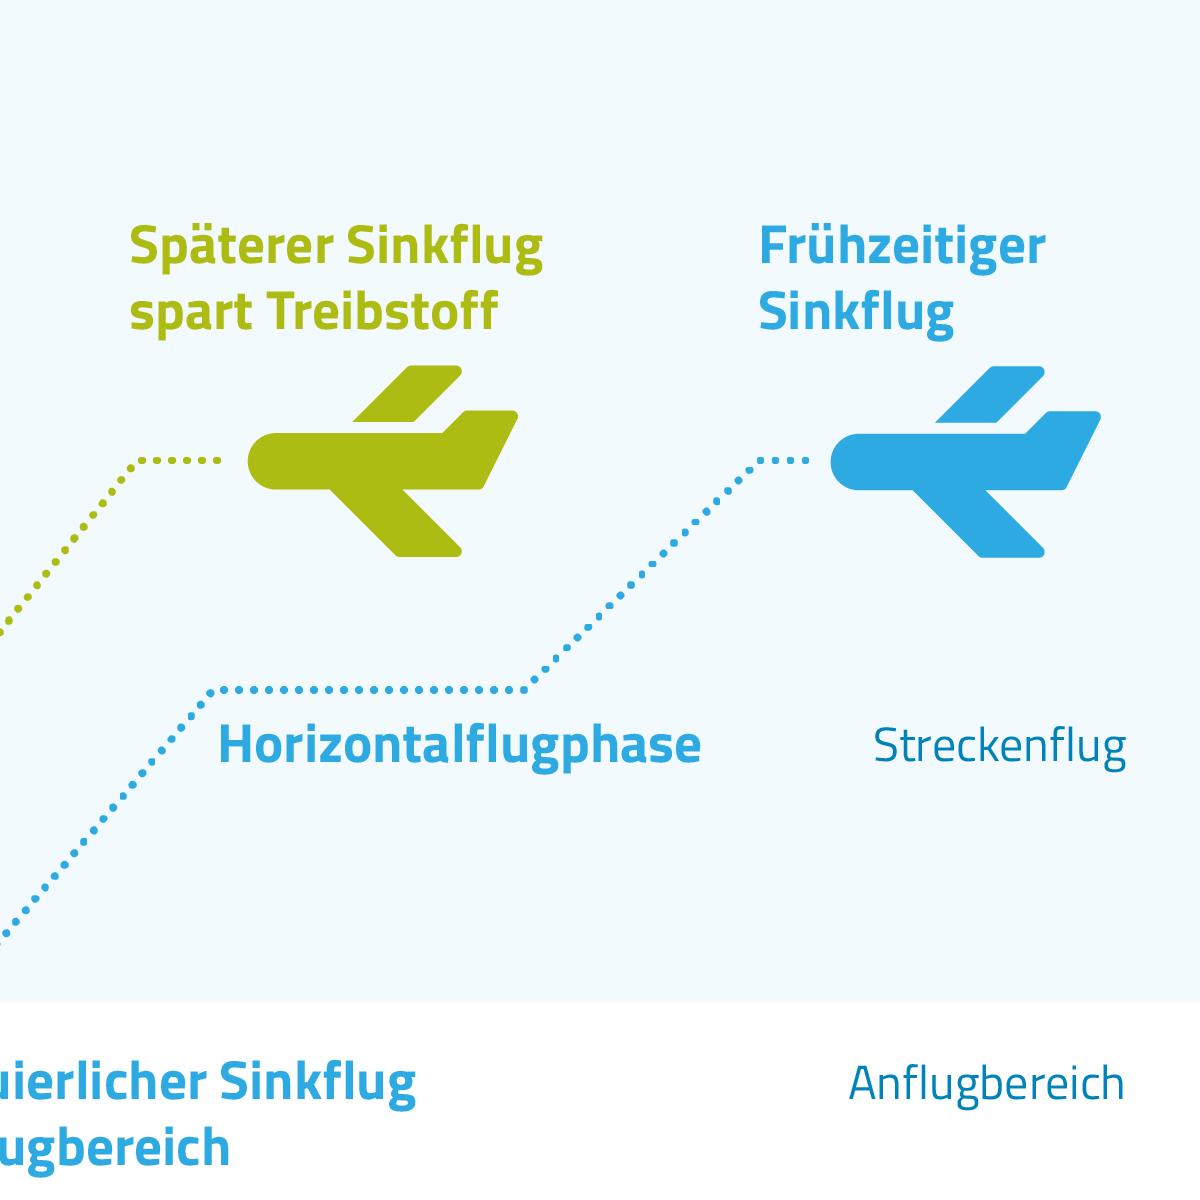 Flugverfahren optimieren: Ein späterer Sinkflug spart Treibstoff ein.